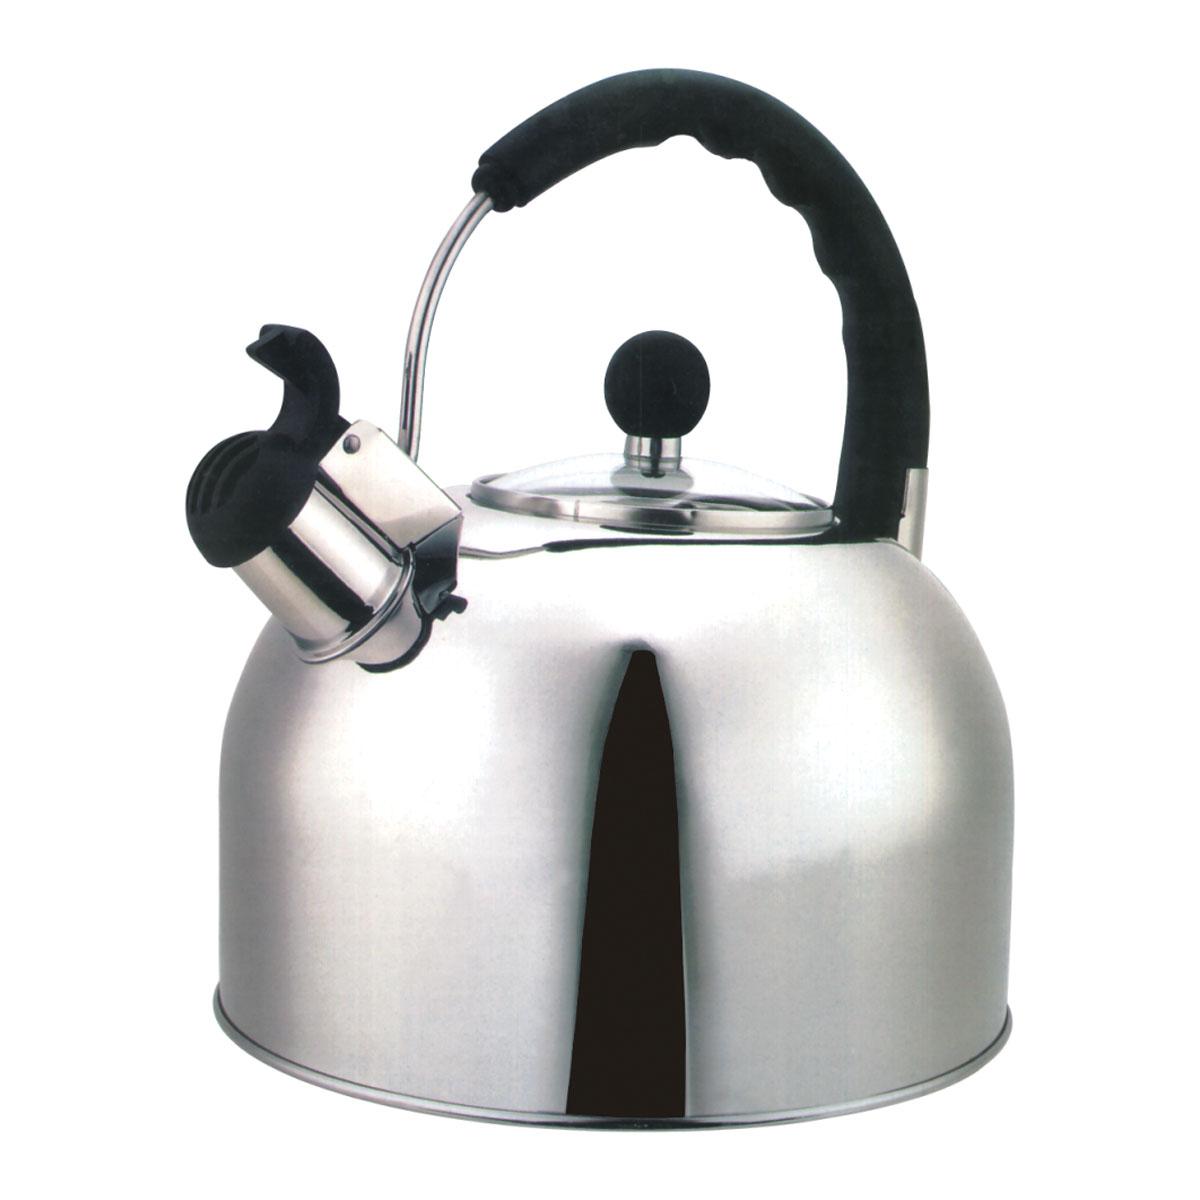 Чайник Bekker Koch со свистком, 4,5 л115510Чайник Bekker Koch выполнен из высококачественной нержавеющей стали, что обеспечивает долговечность использования. Внешнее зеркальное покрытие придает приятный внешний вид. Металлическая фиксированная ручка с пластиковой вставкой делает использование чайника очень удобным и безопасным. Чайник снабжен стеклянной крышкой, свистком и устройством для открывания носика. Изделие оснащено капсулированным дном для лучшего распространения тепла. Можно мыть в посудомоечной машине. Пригоден для всех видов плит кроме индукционных.